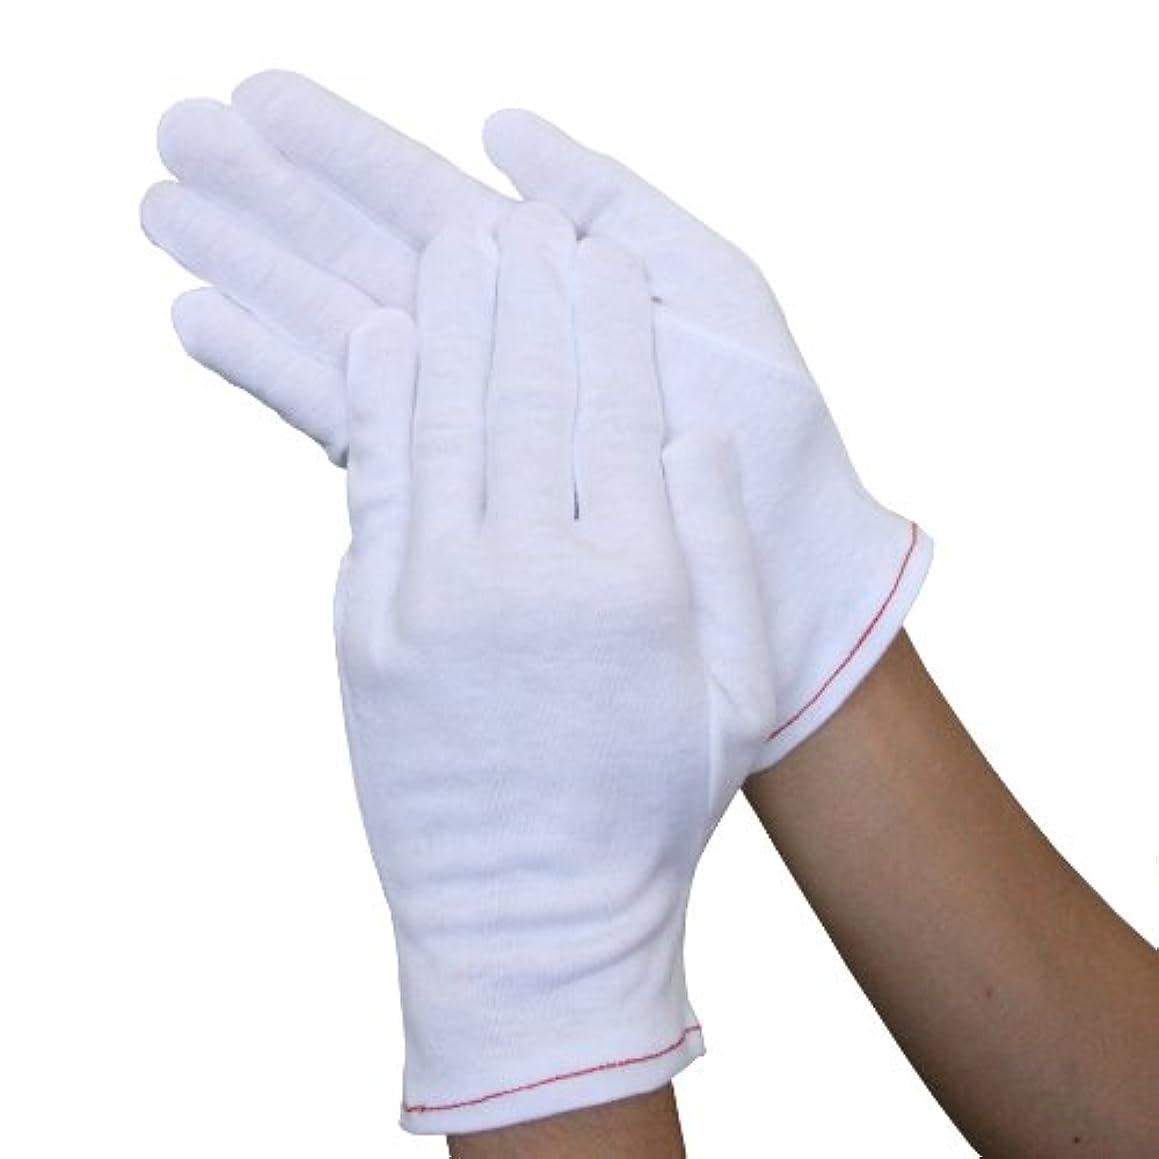 社会科マーキング取り囲むウインセス 【心地よい肌触り/おやすみ手袋】 綿100%手袋 (1双) (LL)